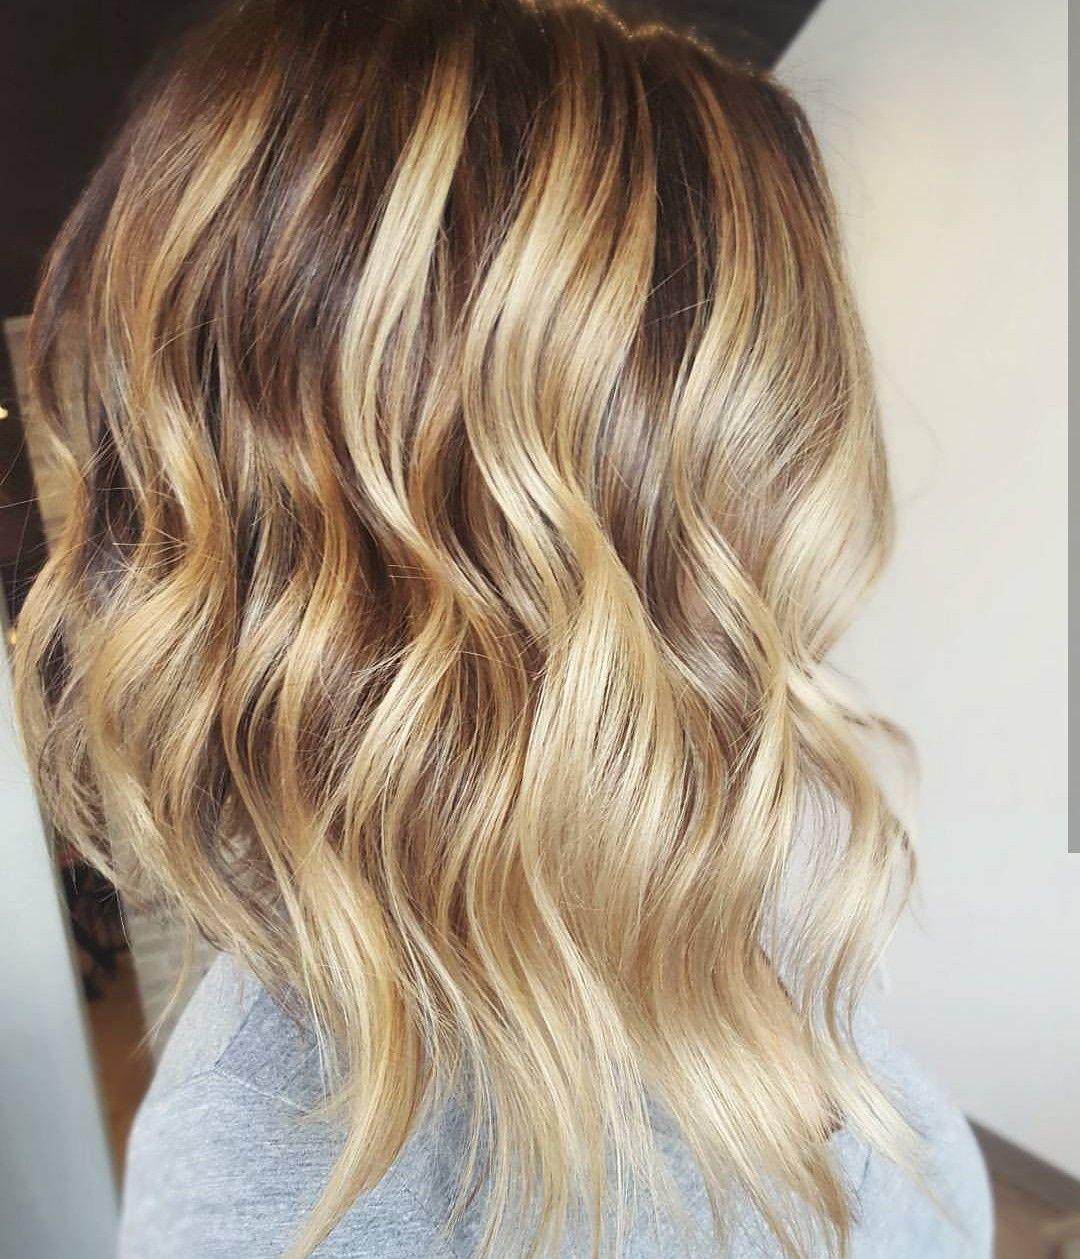 Pin by hannah zaborowski on hair color pinterest hair goals